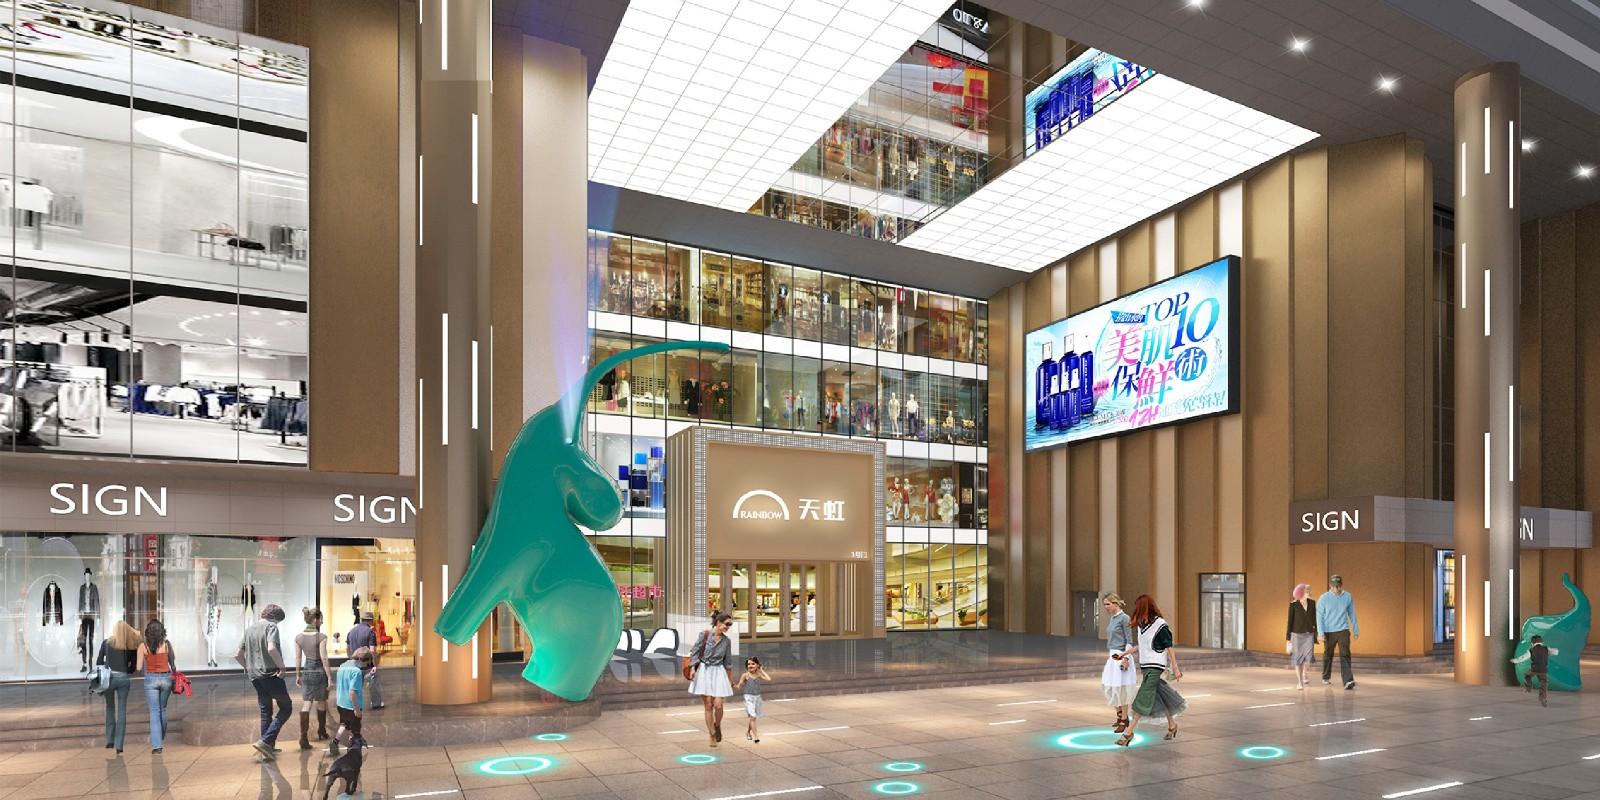 工作装饰方案_其它装饰材料相关-深圳市唯创装饰设计工程有限公司